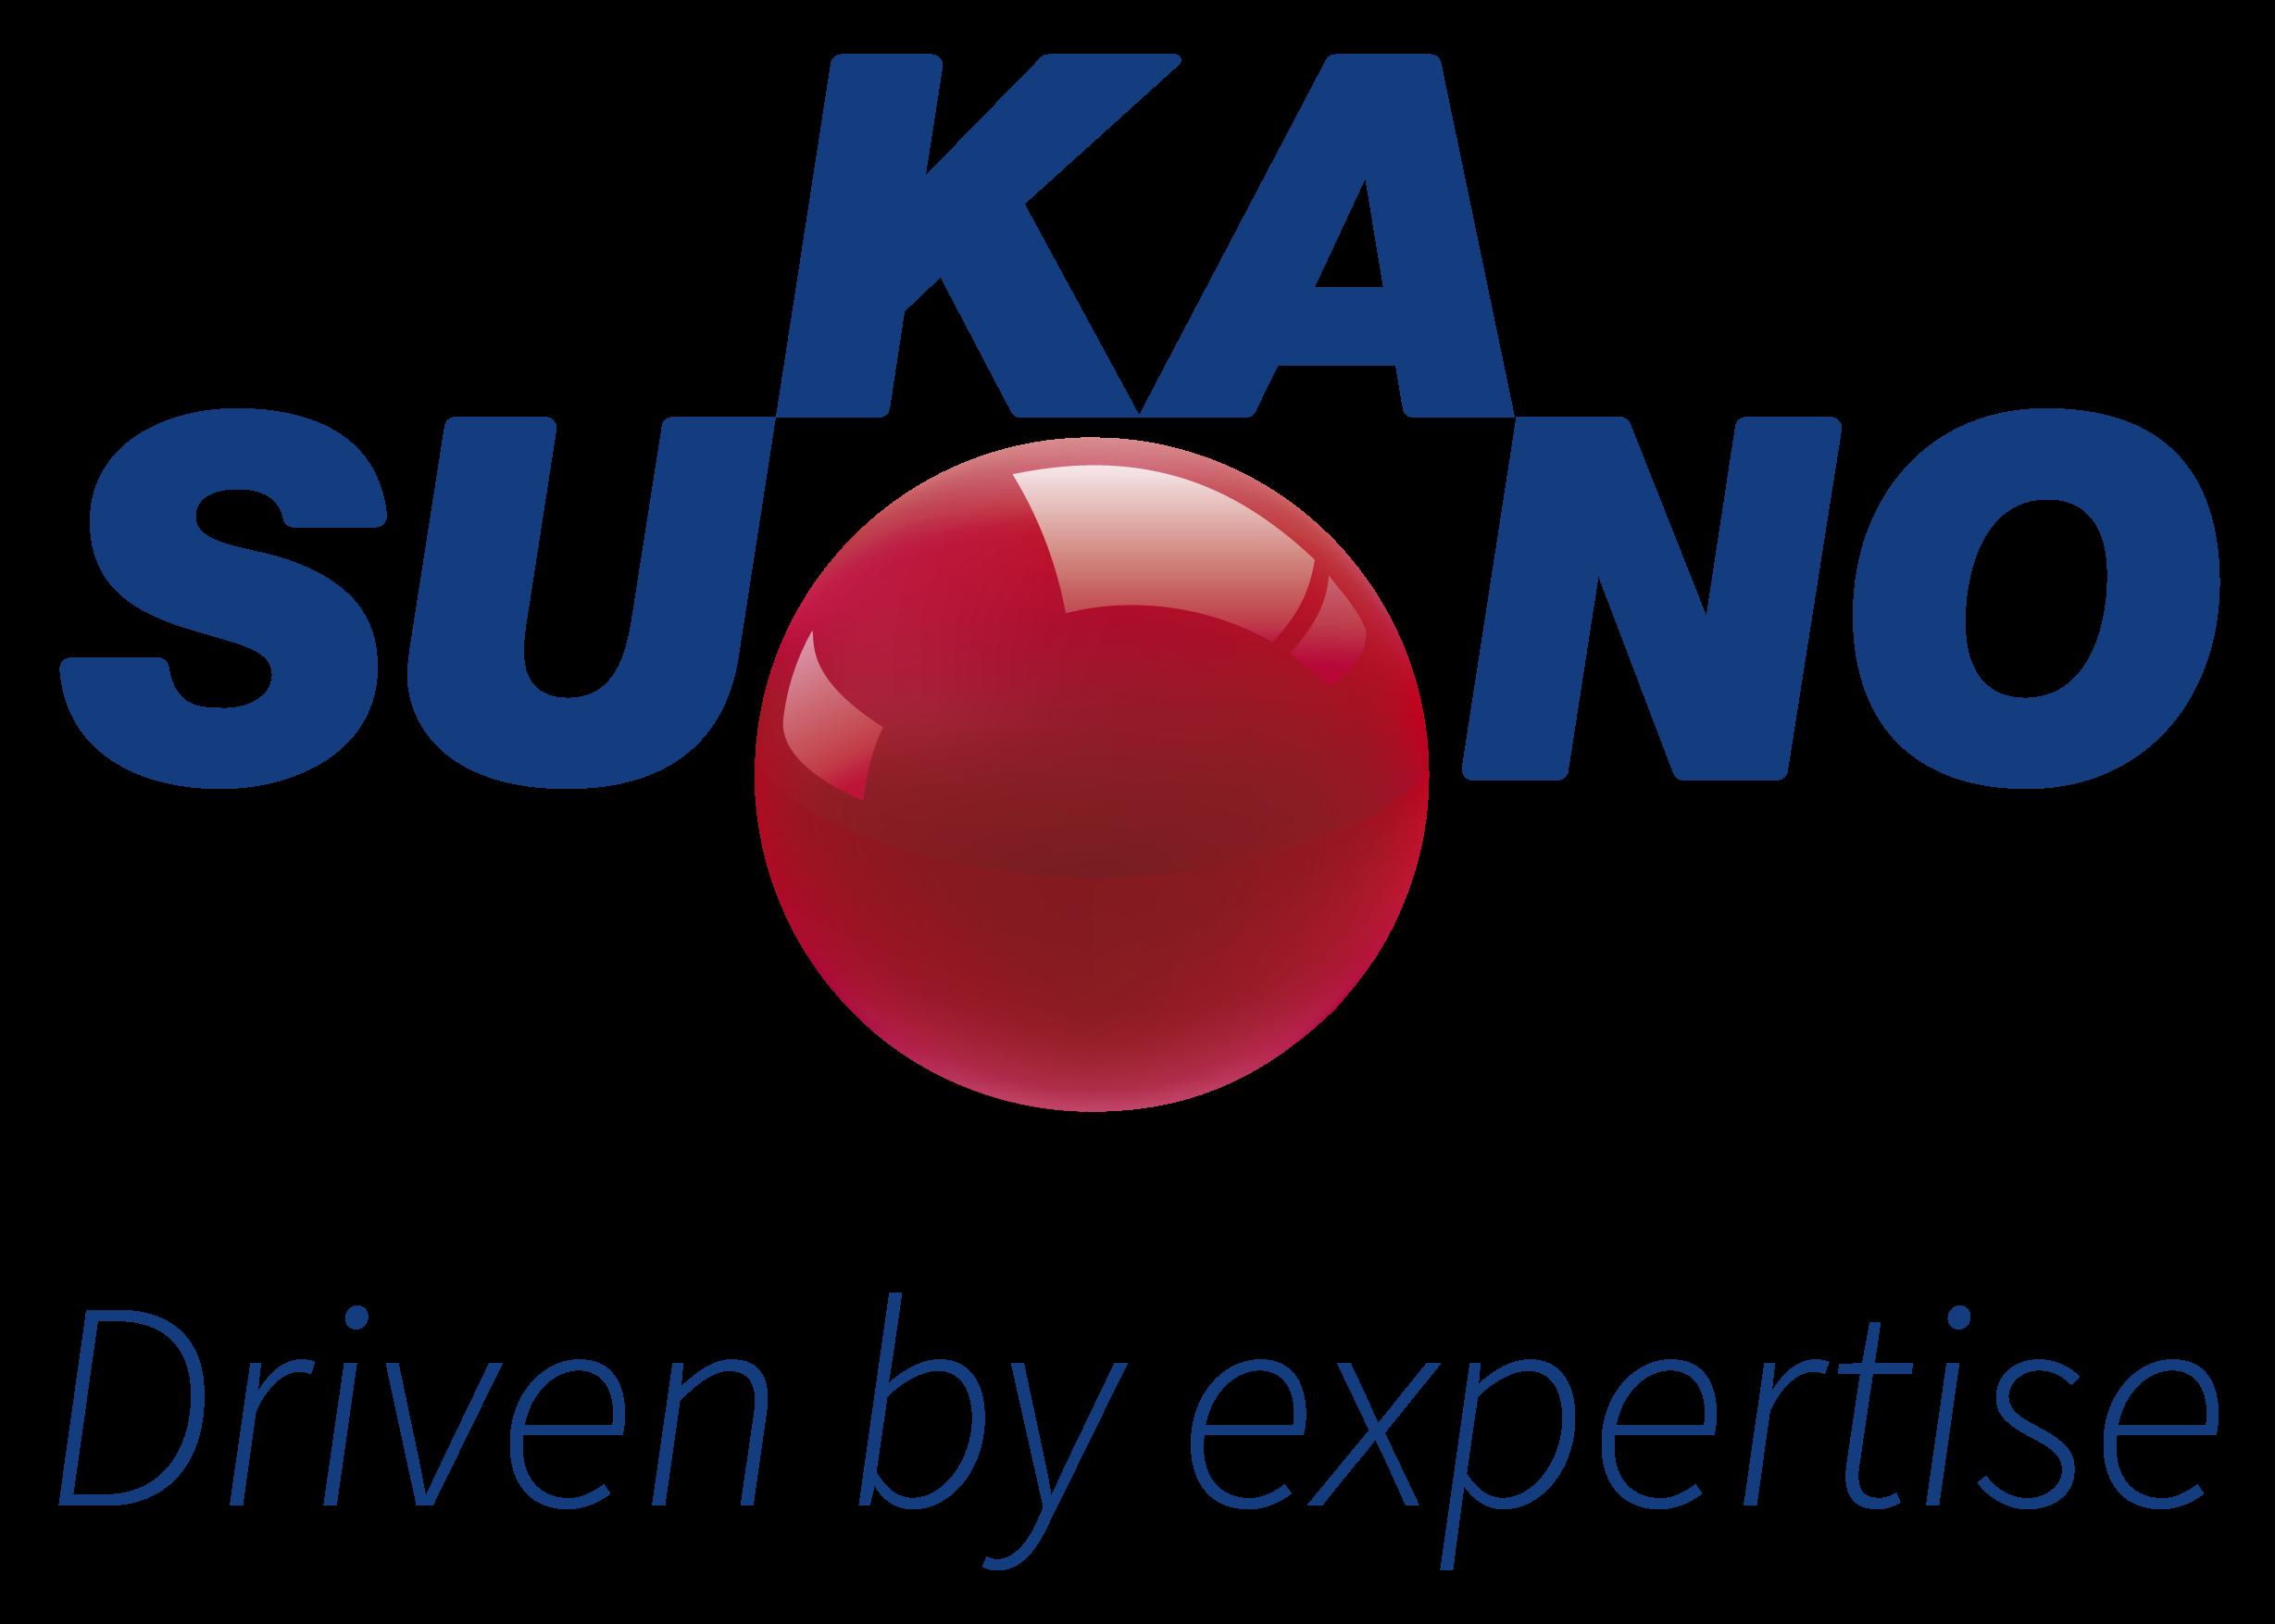 SUKANO Logo